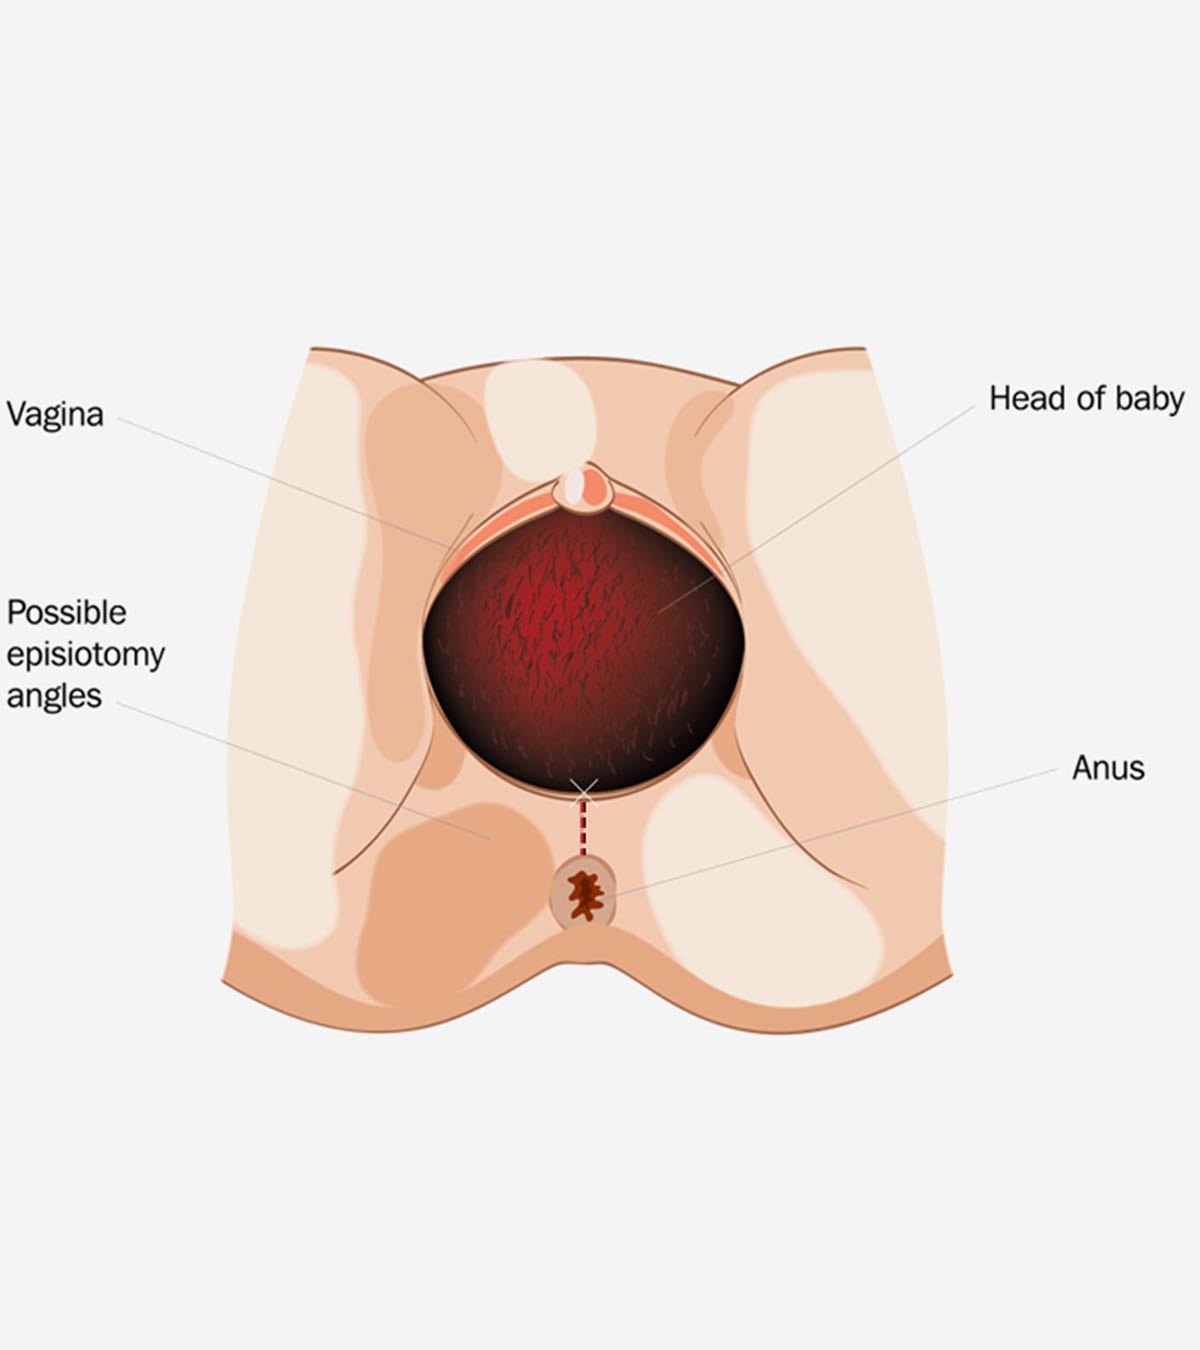 hight resolution of diagram of vagina